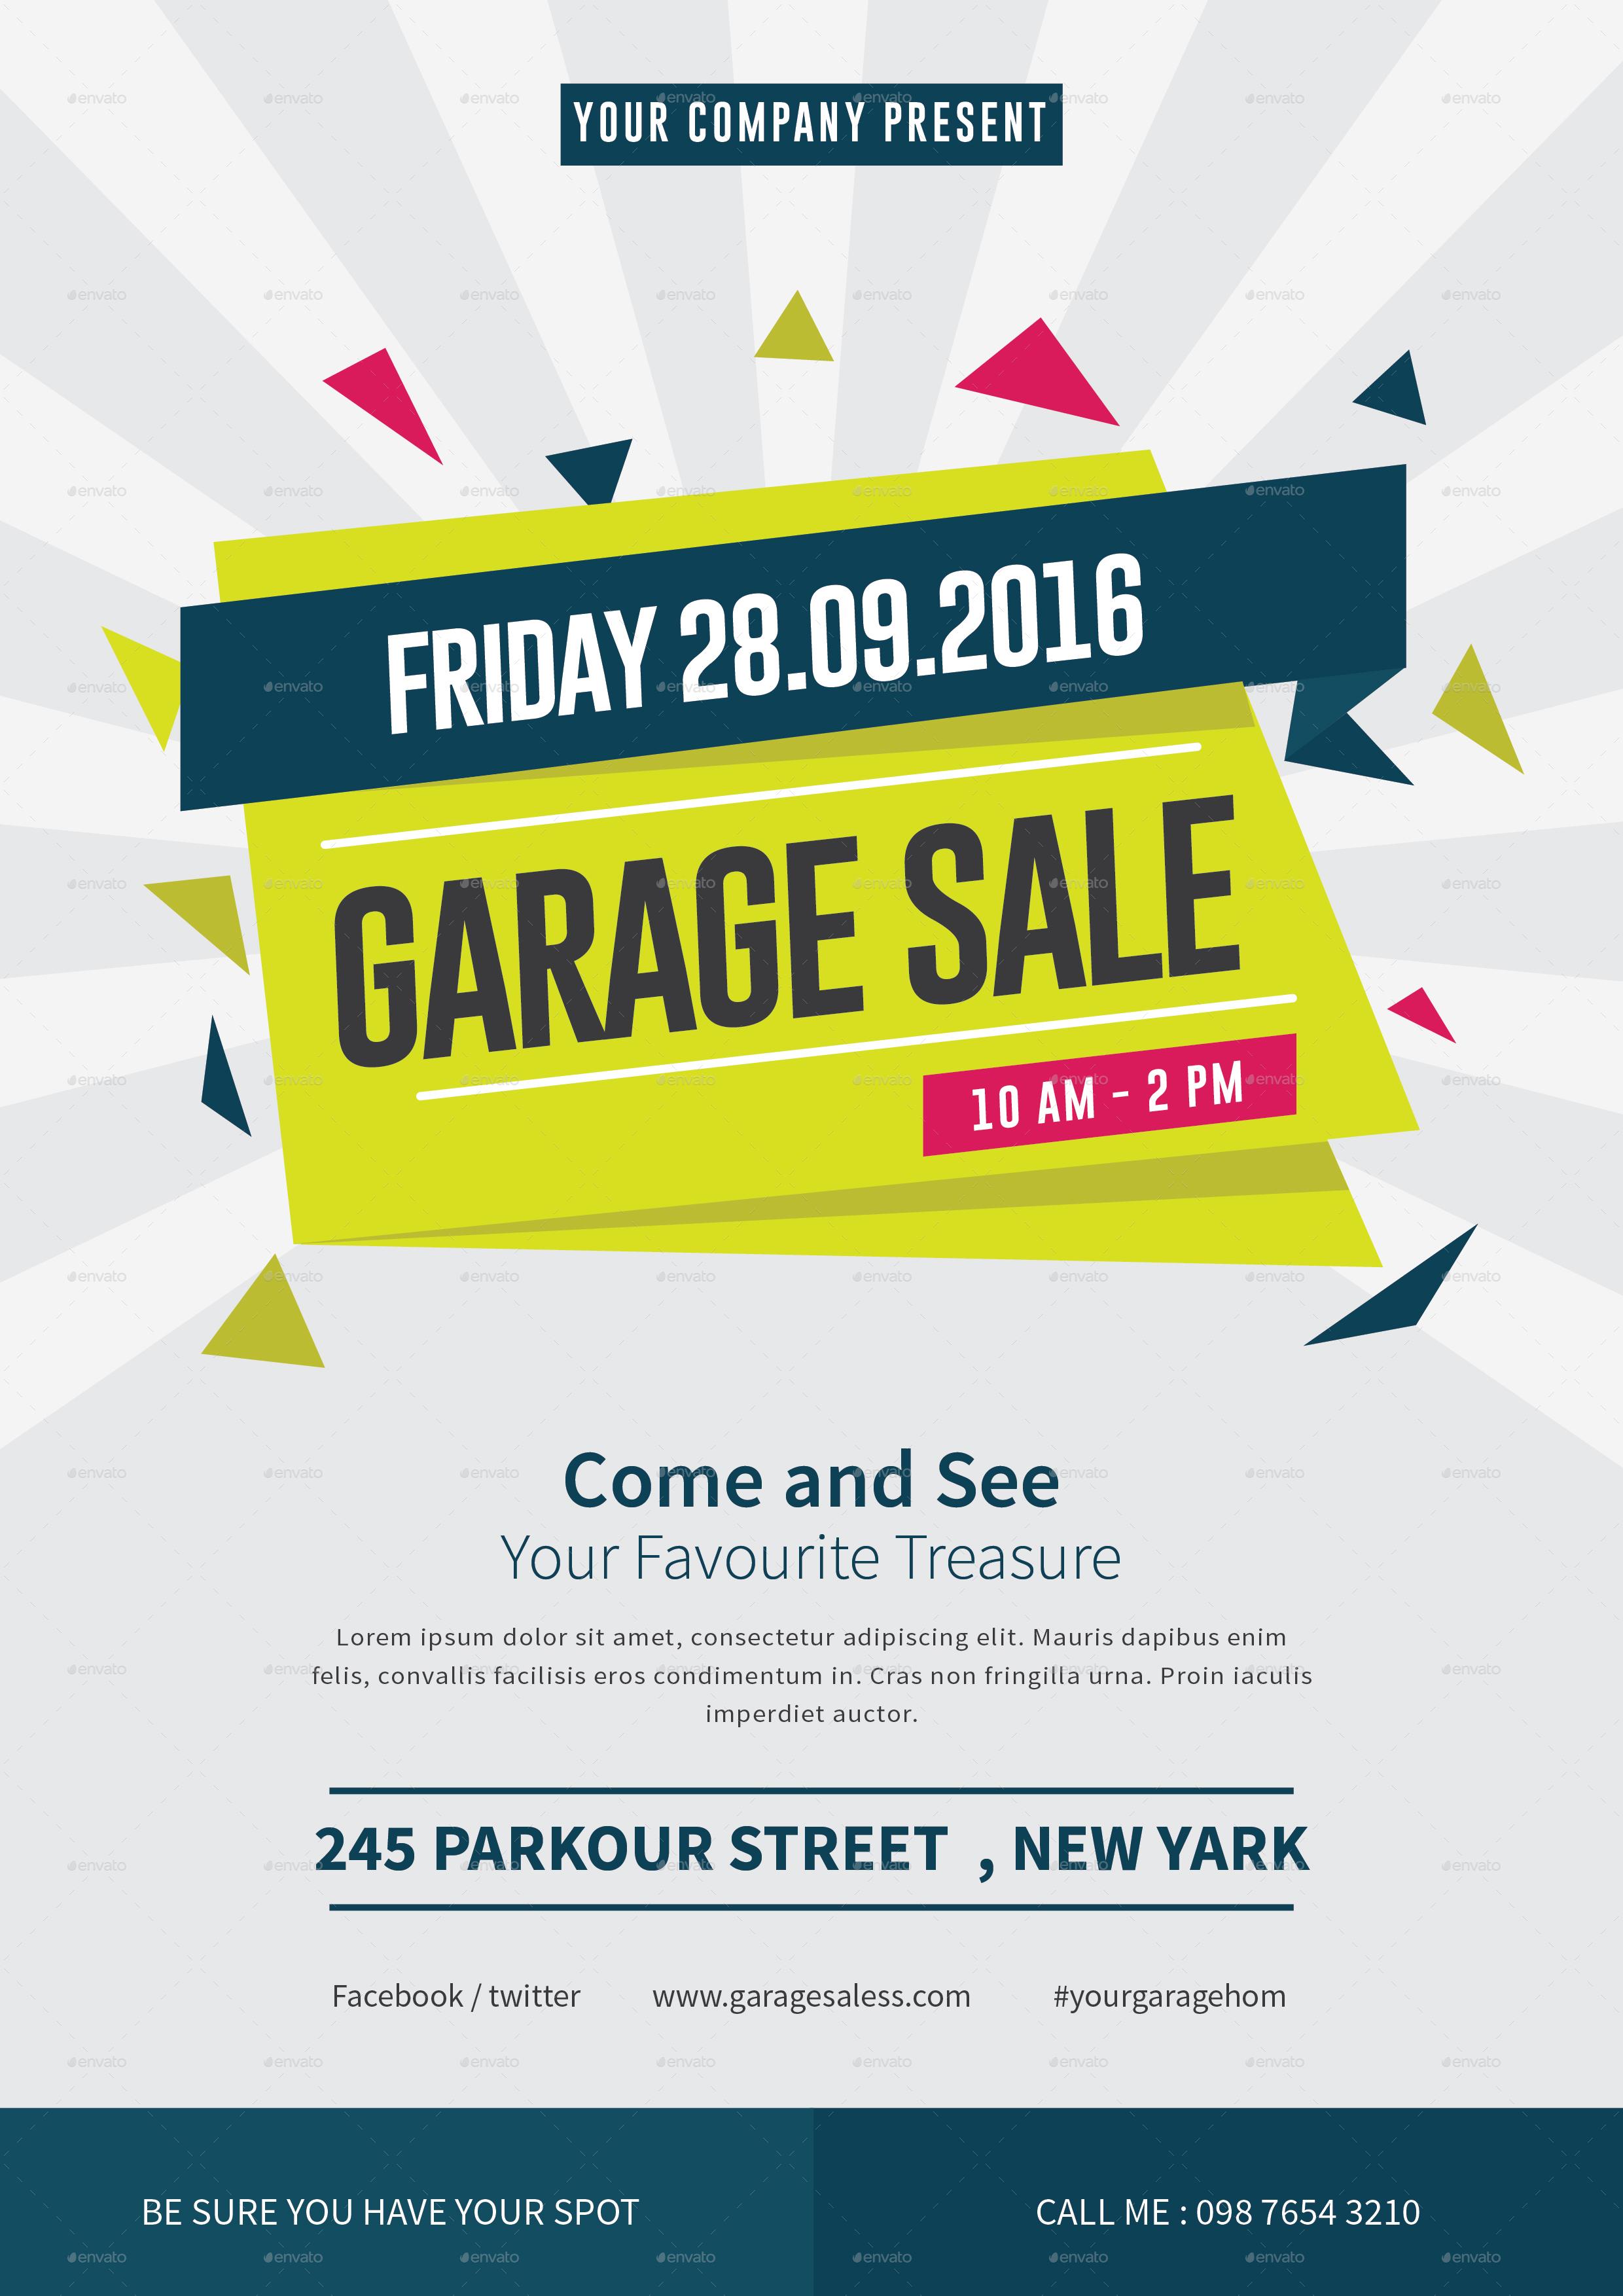 Garage Sale Flyer By Tokosatsu